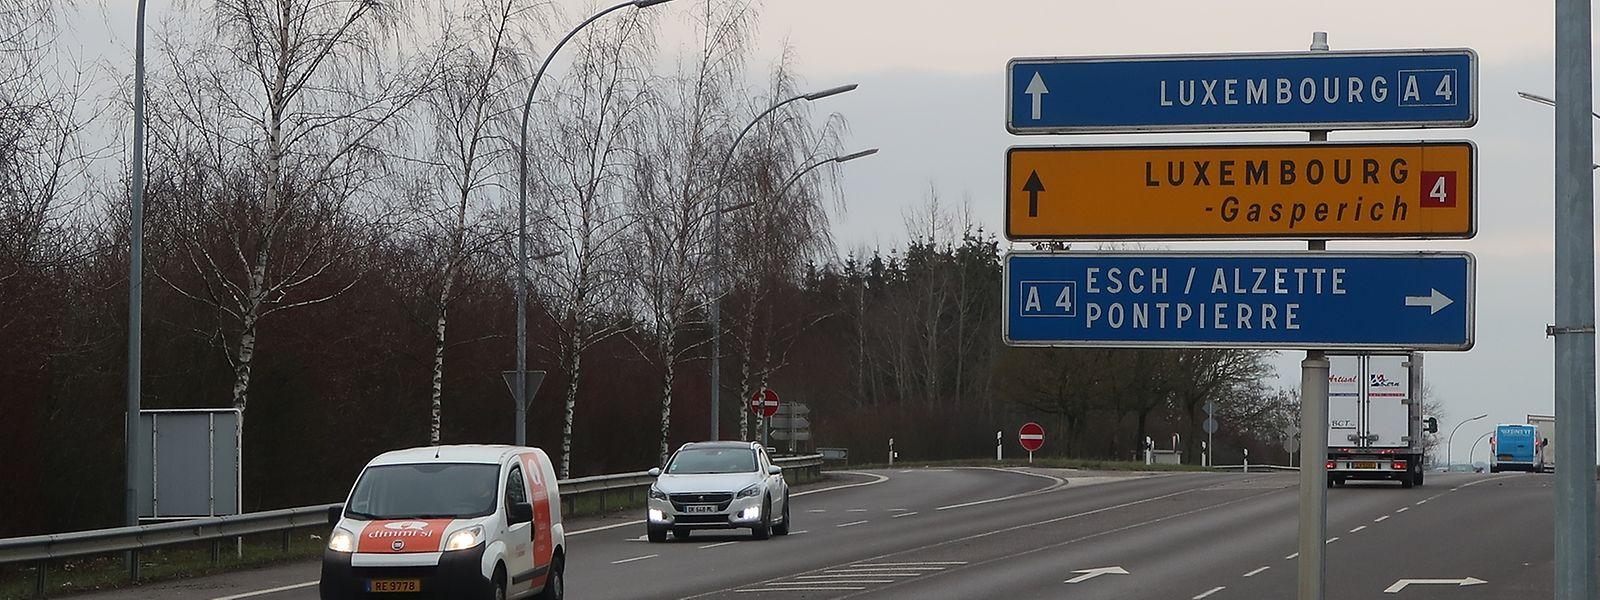 Wo geht die Reise für Leudelingen hin? In den Kanton Luxemburg oder doch zurück nach Esch? Davon hängt nicht nur ab, zu welchem Wahlbezirk man gehört. Auch das Friedensgericht wäre betroffen.